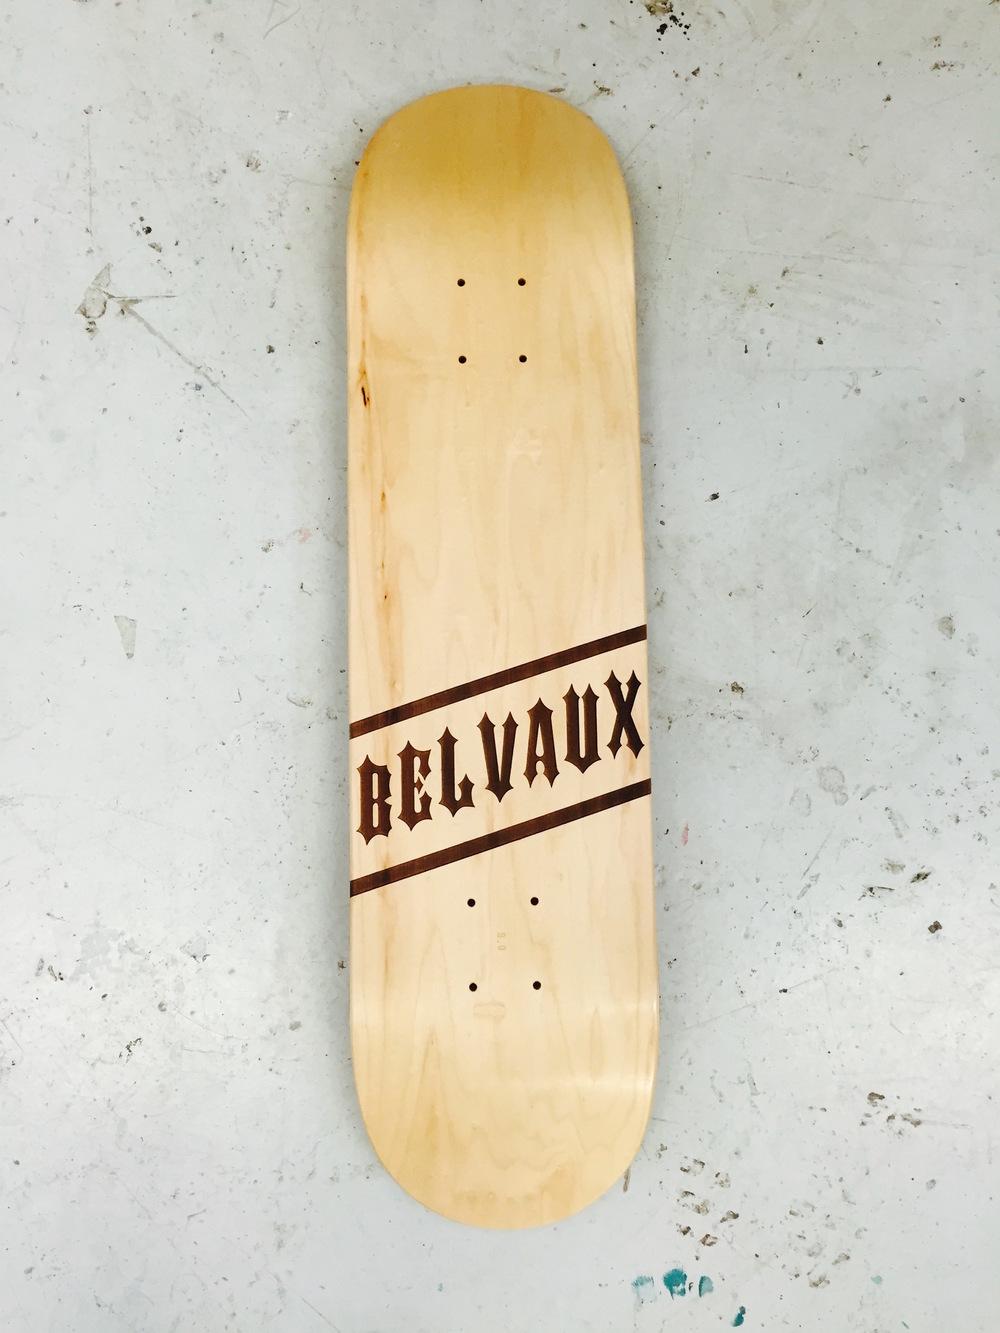 REMY BELVAUX - FILMMAKER